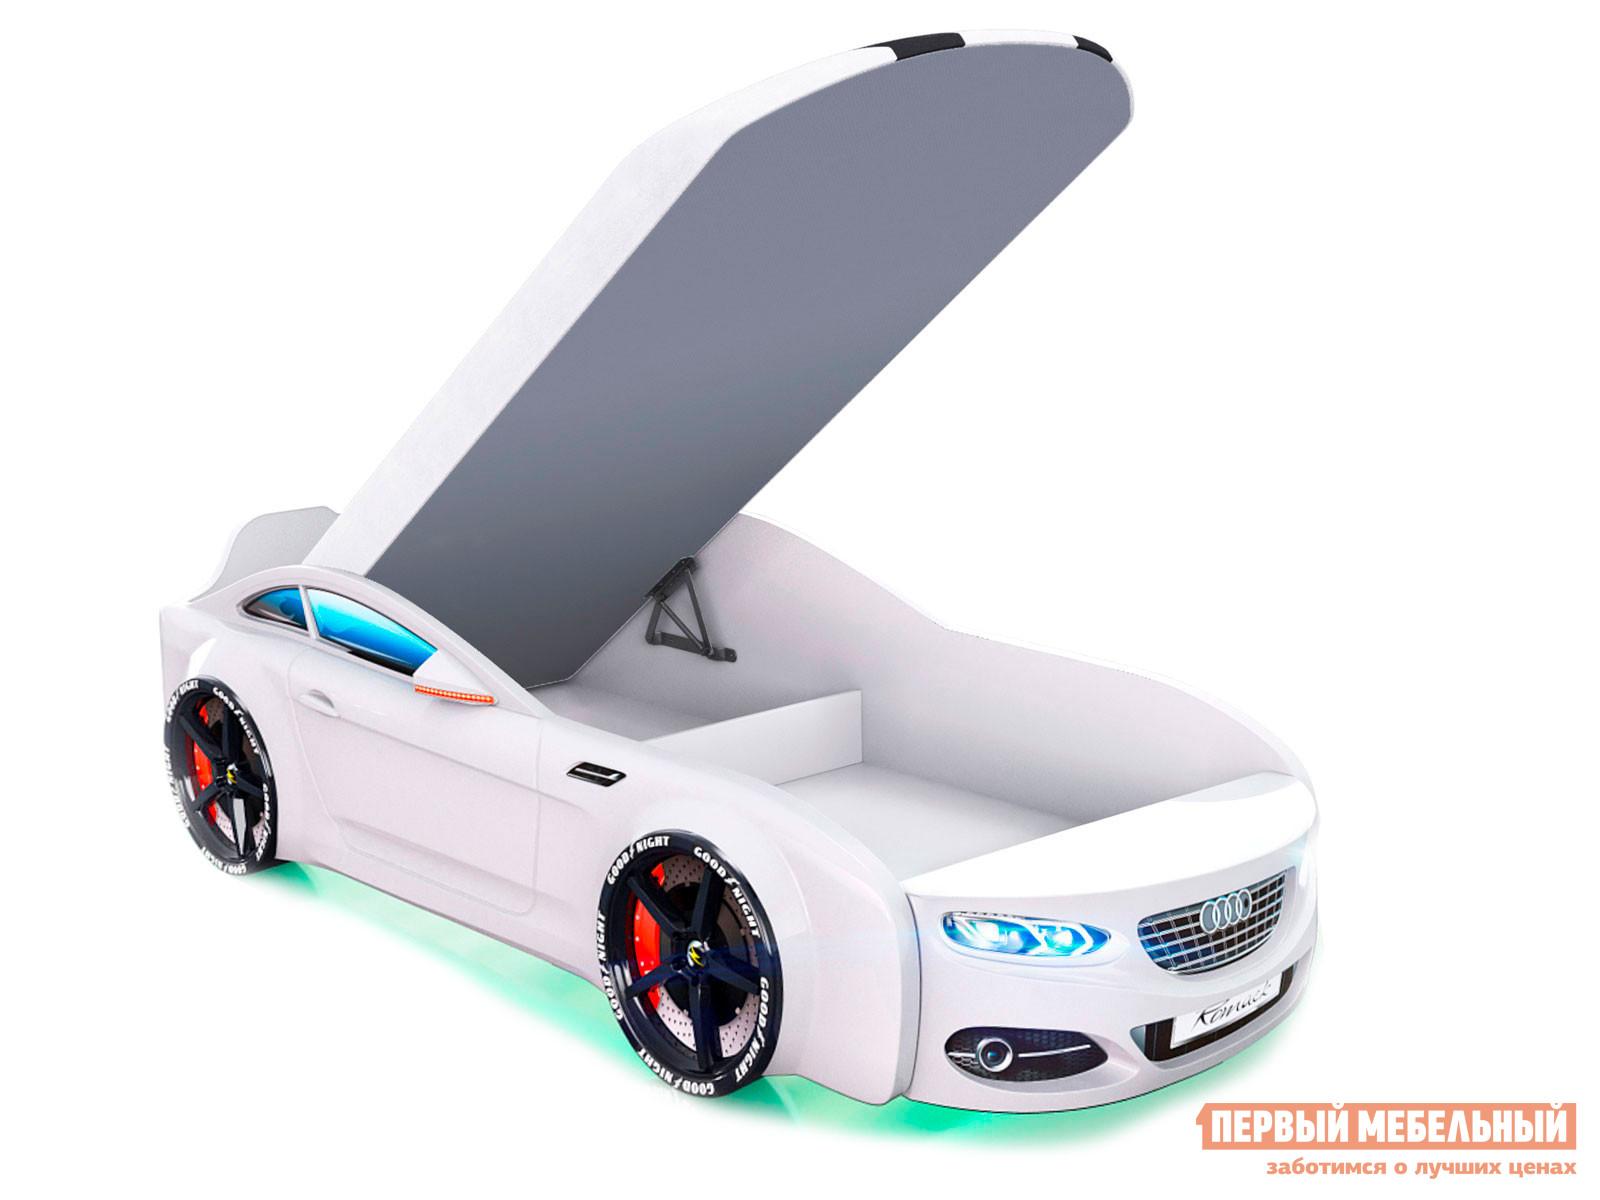 Кровать-машина  Кровать-машина Romack Real-М A7 Белый, Спортивный, С подъемным механизмом, С подсветкой фар и дна